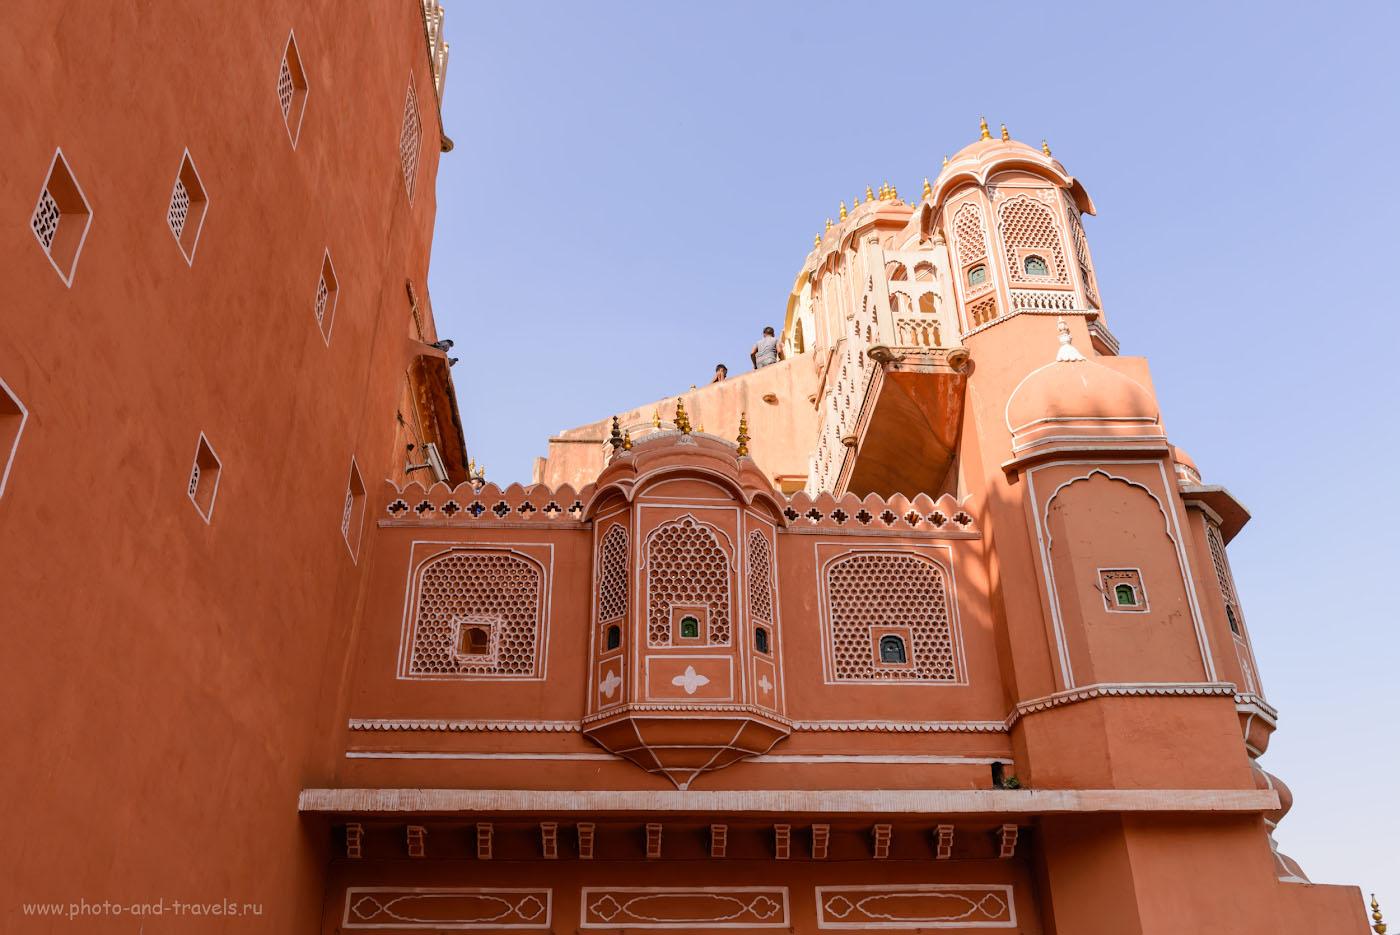 Фотография 11. Затейливая архитектура Дворца ветров в Джайпуре. Отчет о самостоятельной поездке в Индию. 1/200, 7.1, 100, 31.